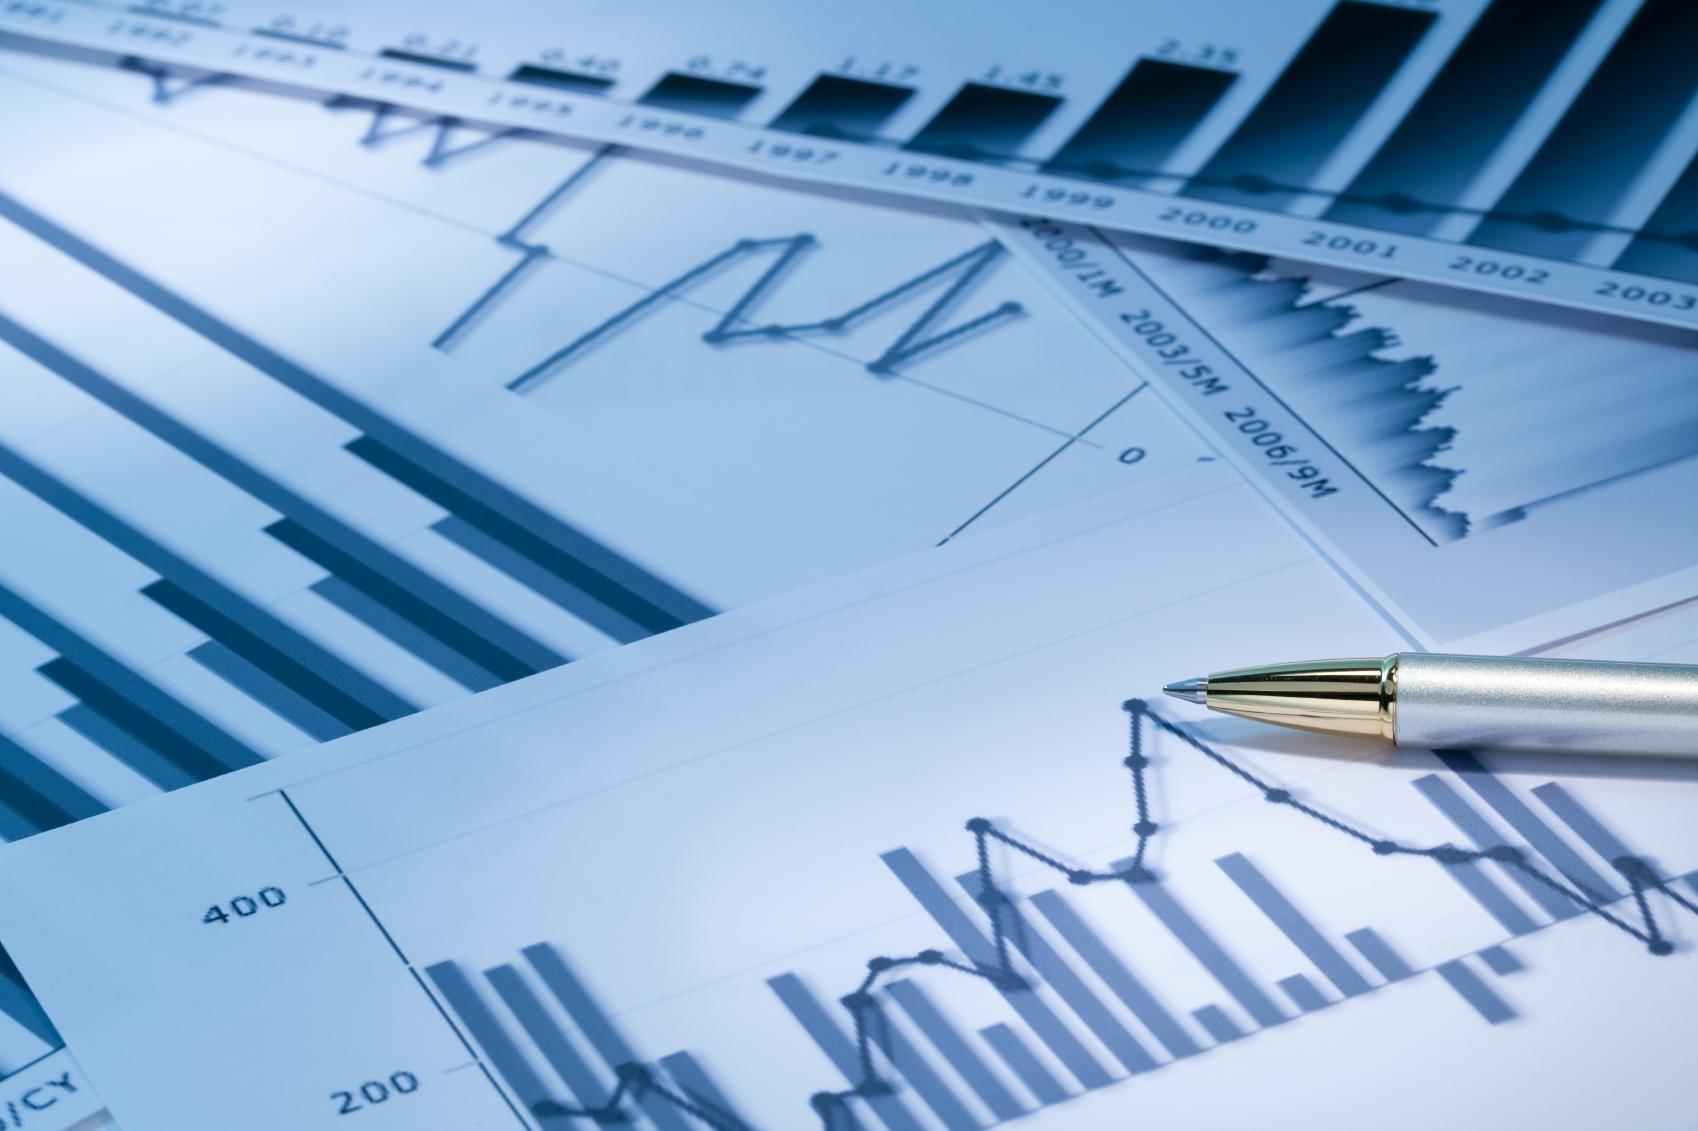 كرواتيا تتوقع انكماشاً اقتصادياً قوياً خلال العام الحالي